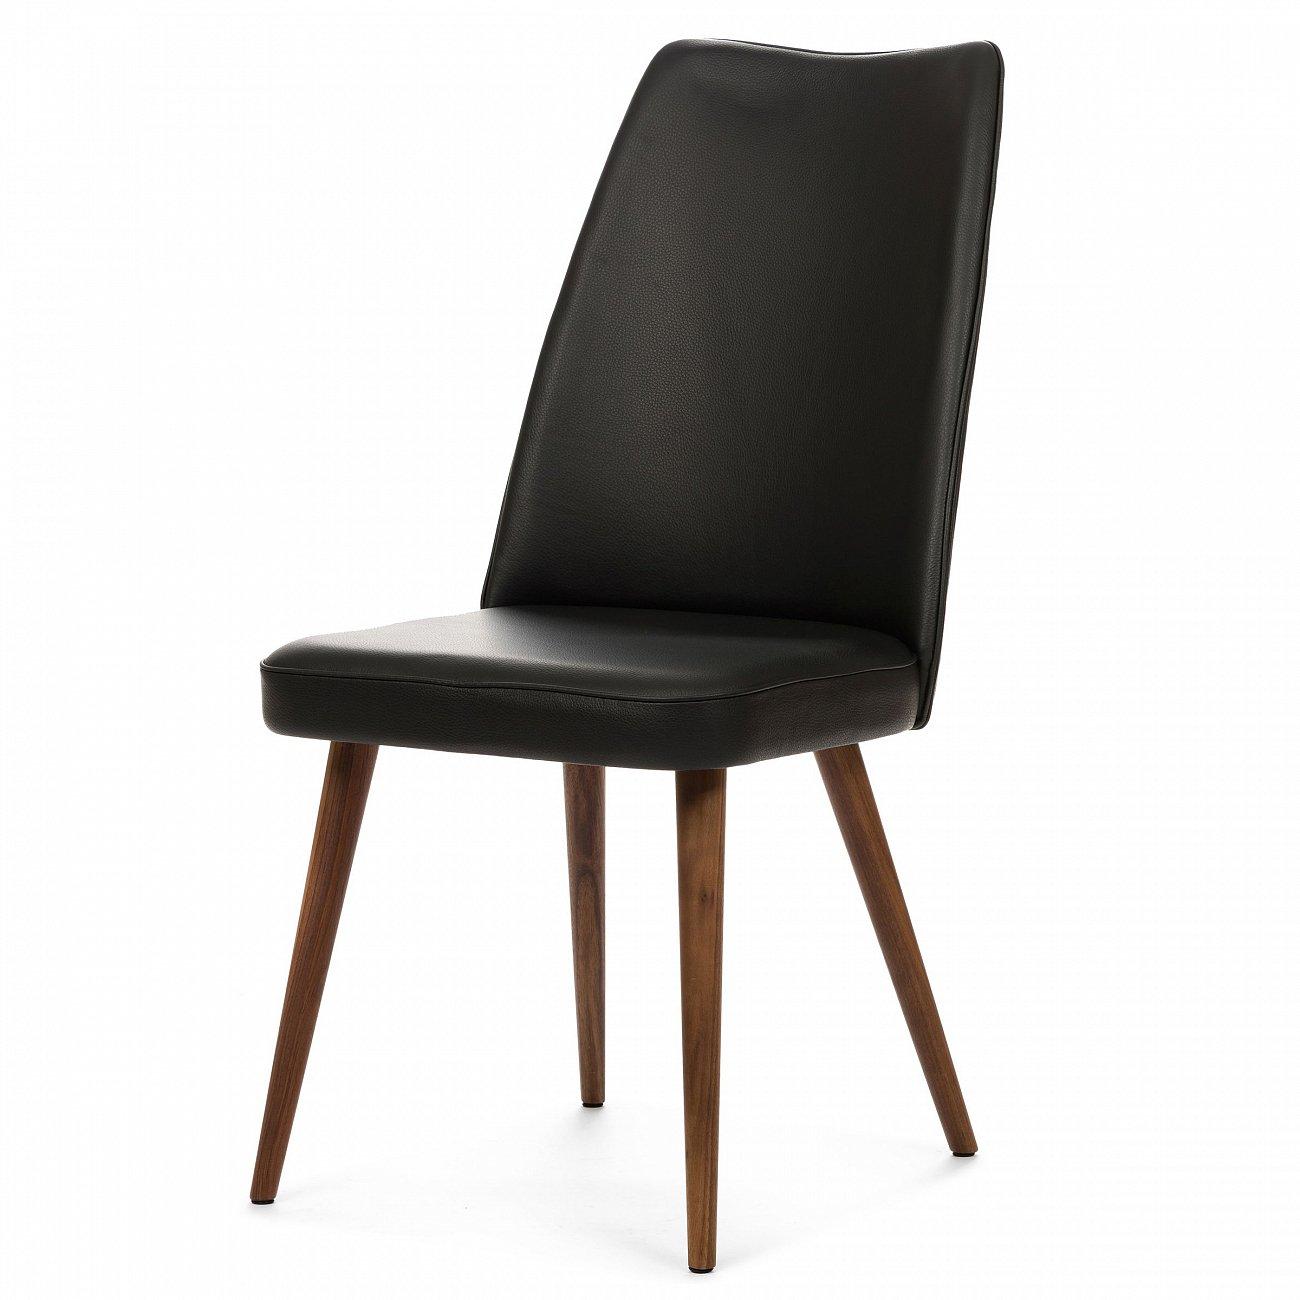 Купить Стул Lounge High Чёрный в интернет магазине дизайнерской мебели и аксессуаров для дома и дачи